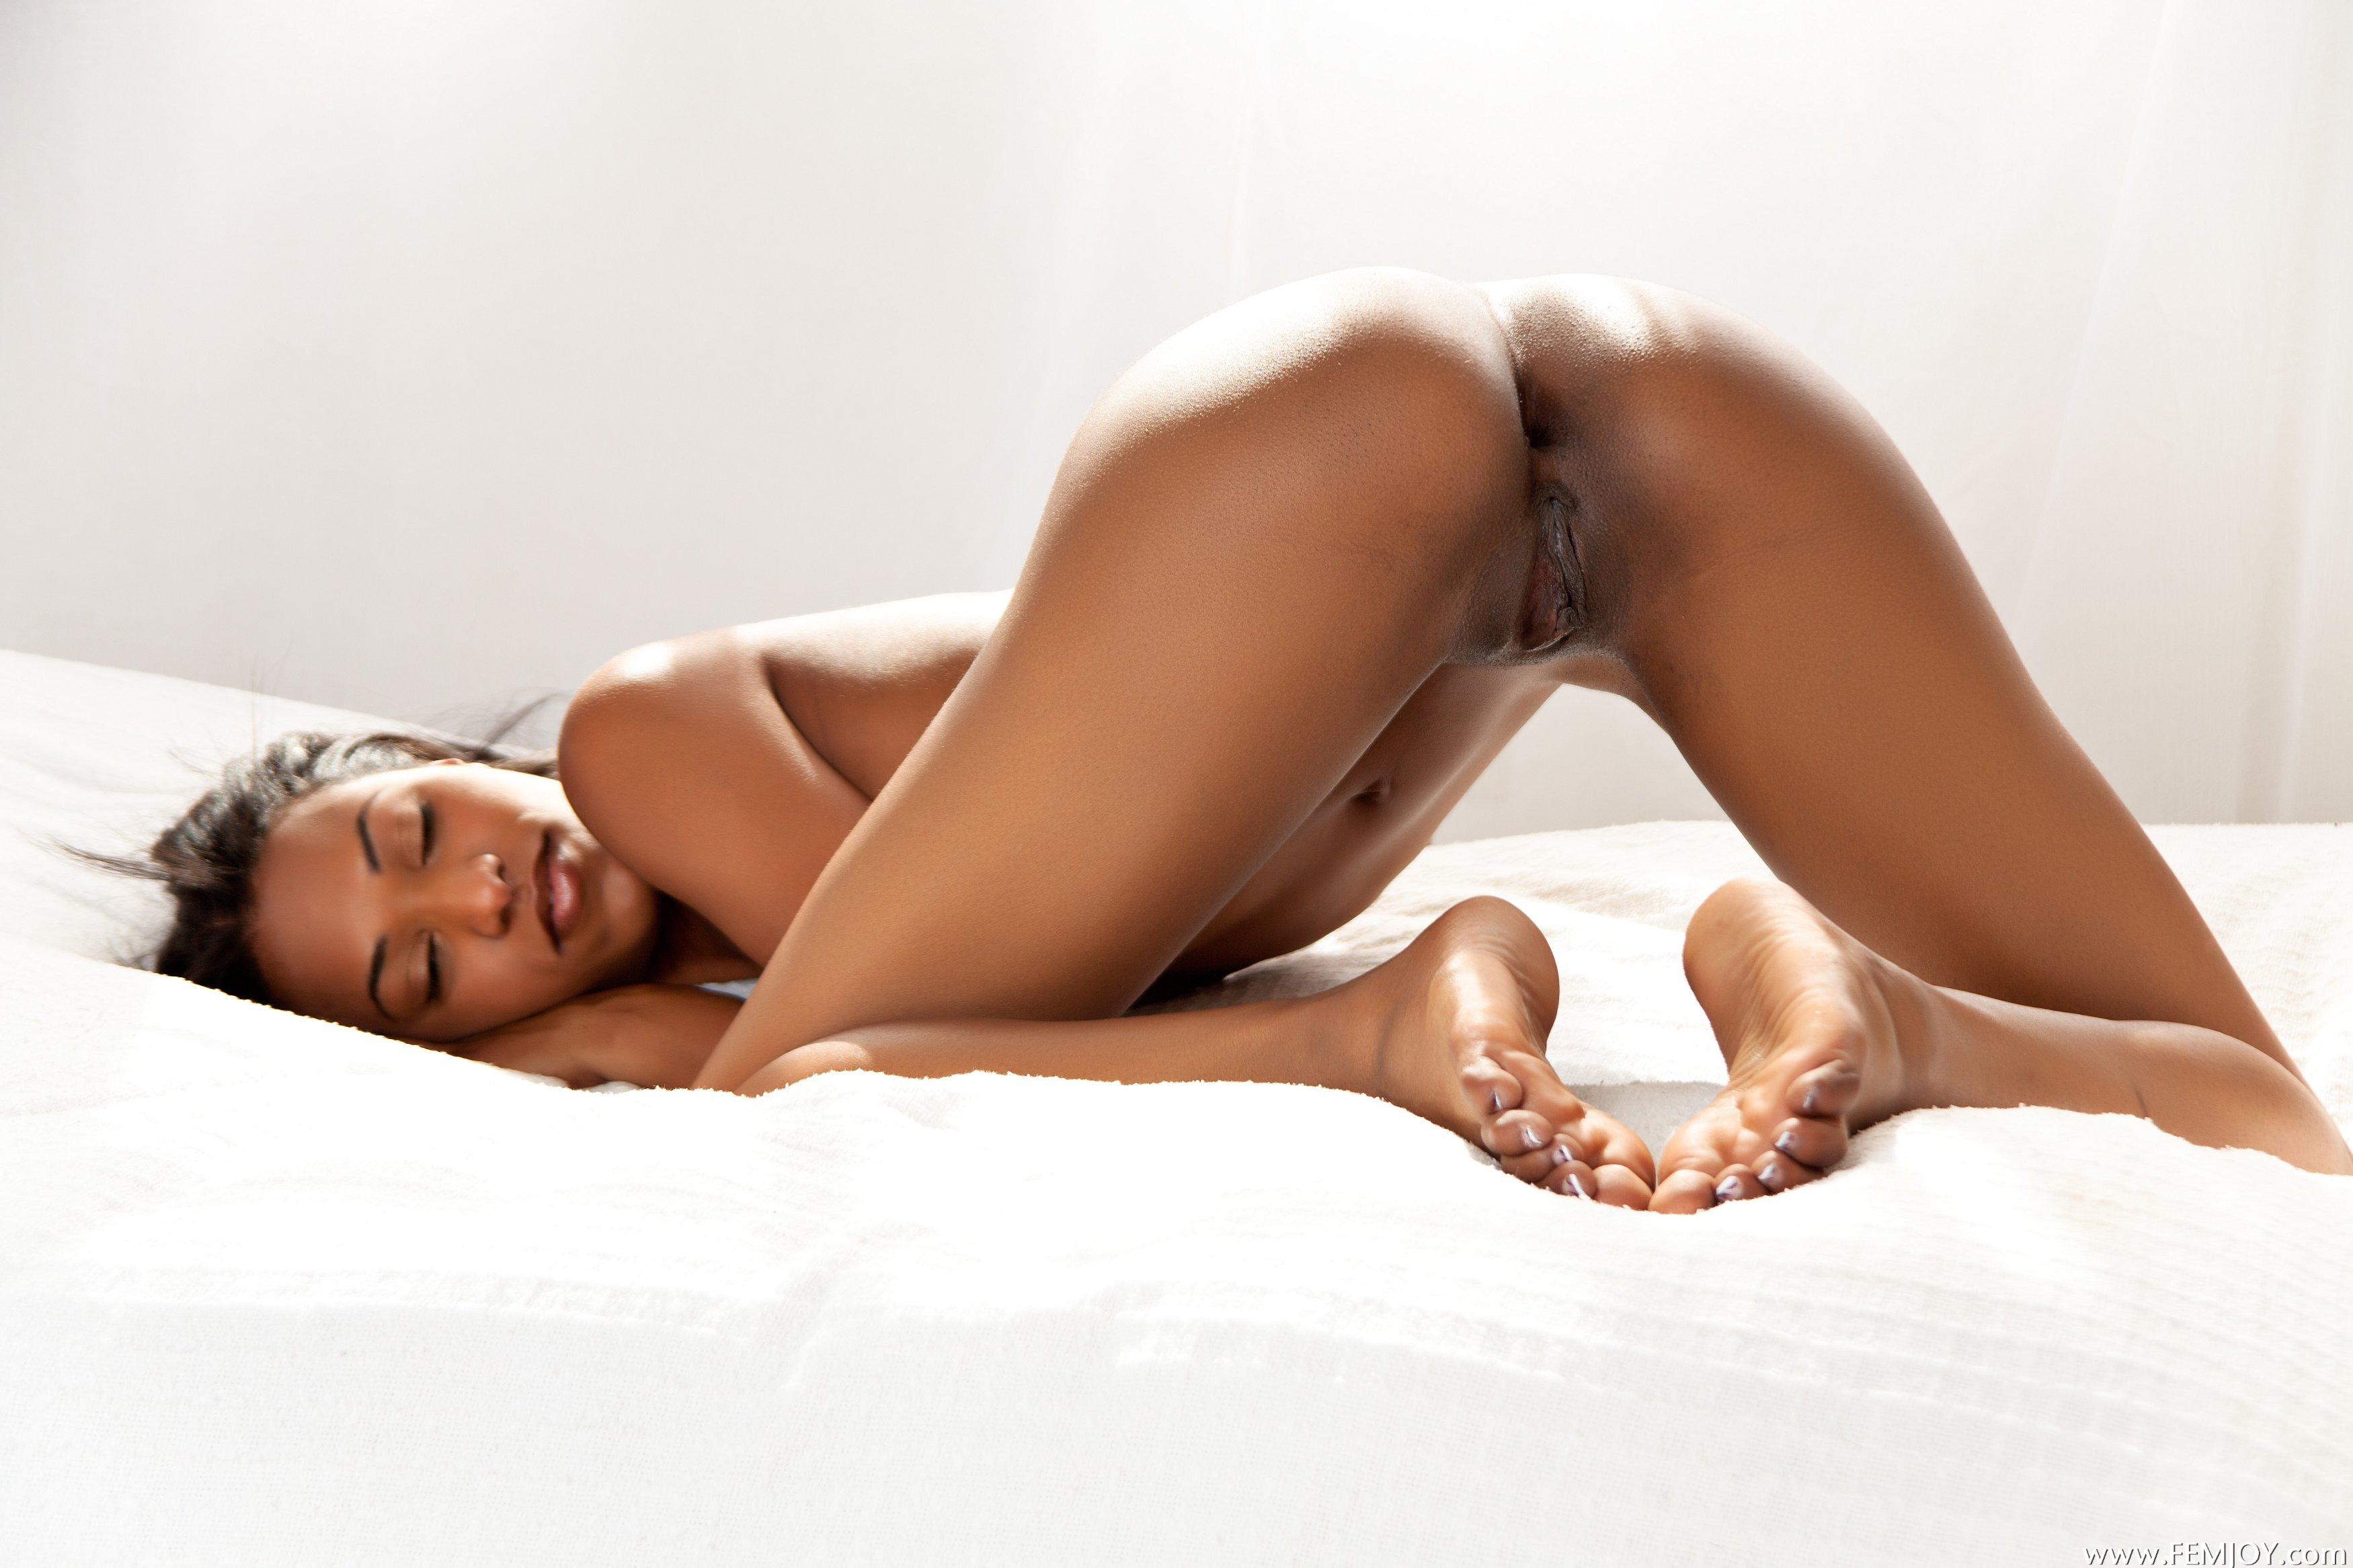 hot chick using dildo